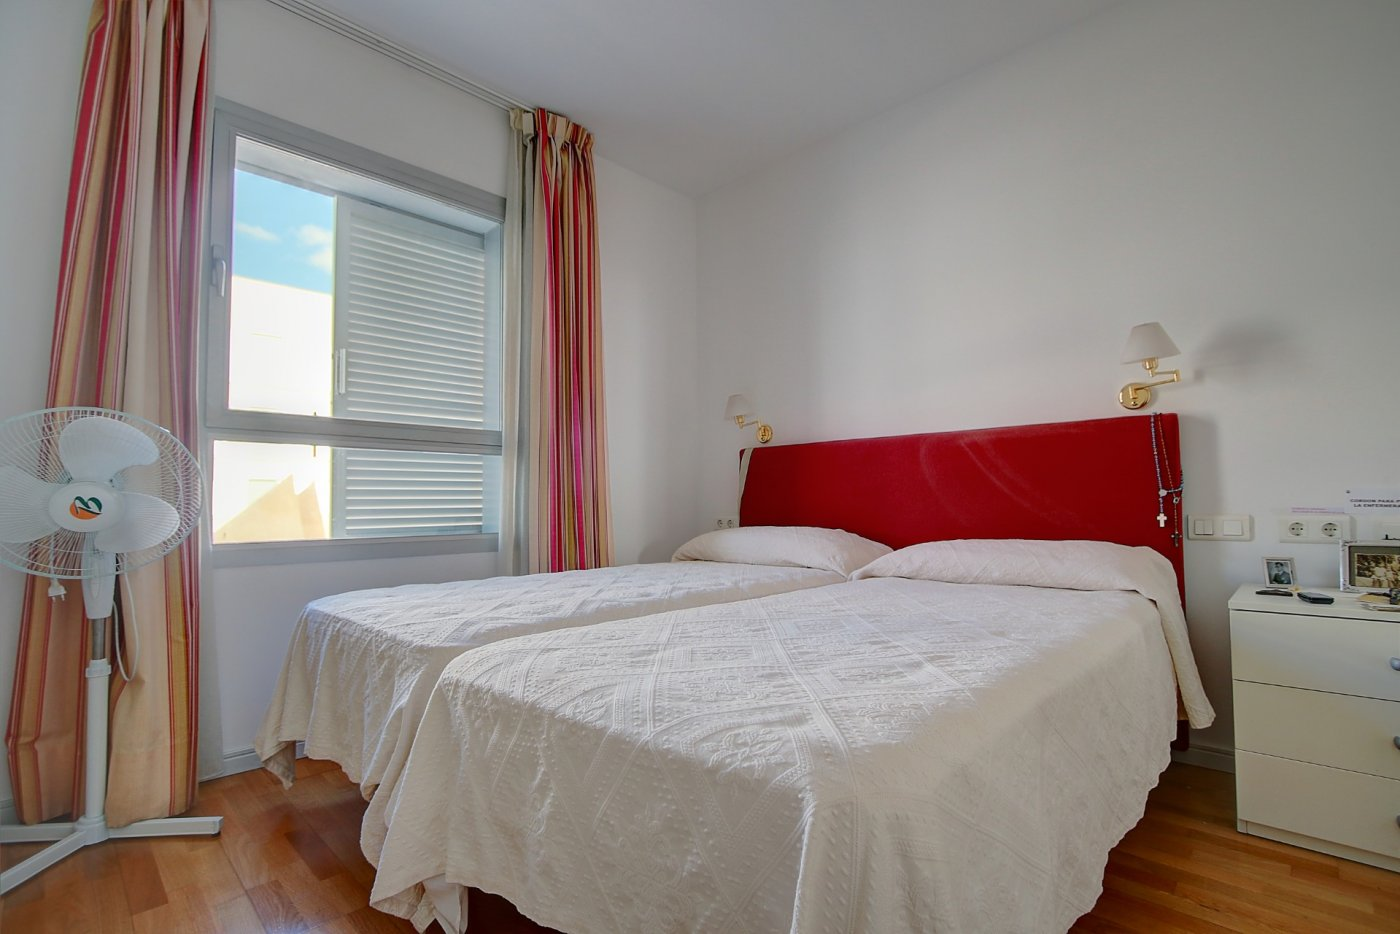 Apartamento en venta las arcadias - general riera. - imagenInmueble2